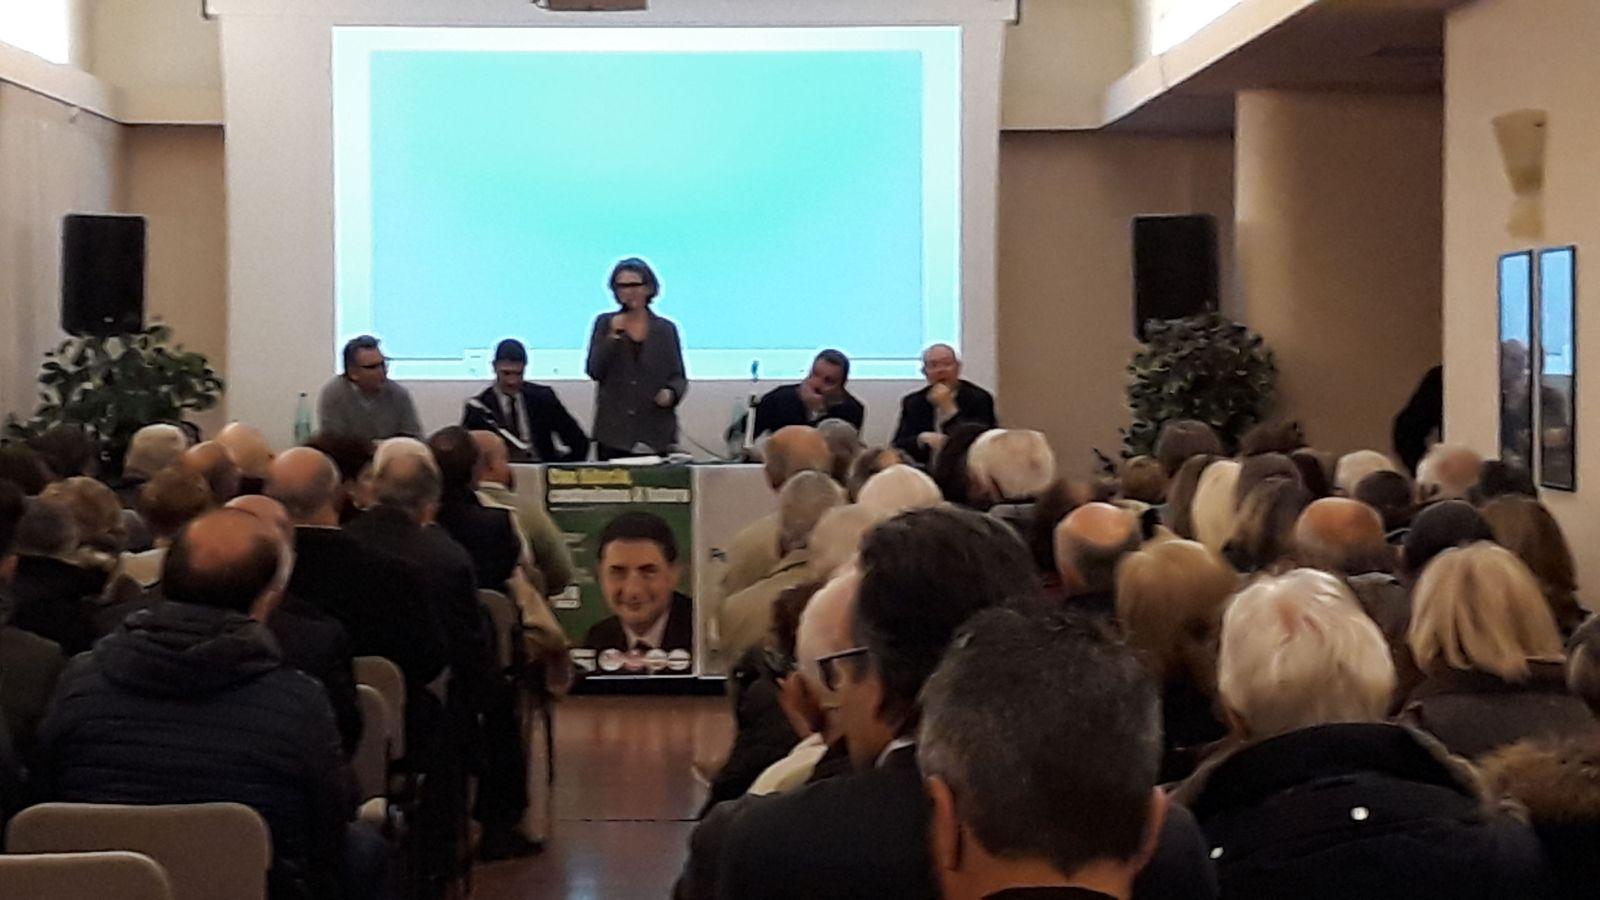 """Verso le politiche: sala piena al Balletti di San Martino al Cimino per la riunione degli """"orlandiani"""" di Piazza Democratica del Pd"""